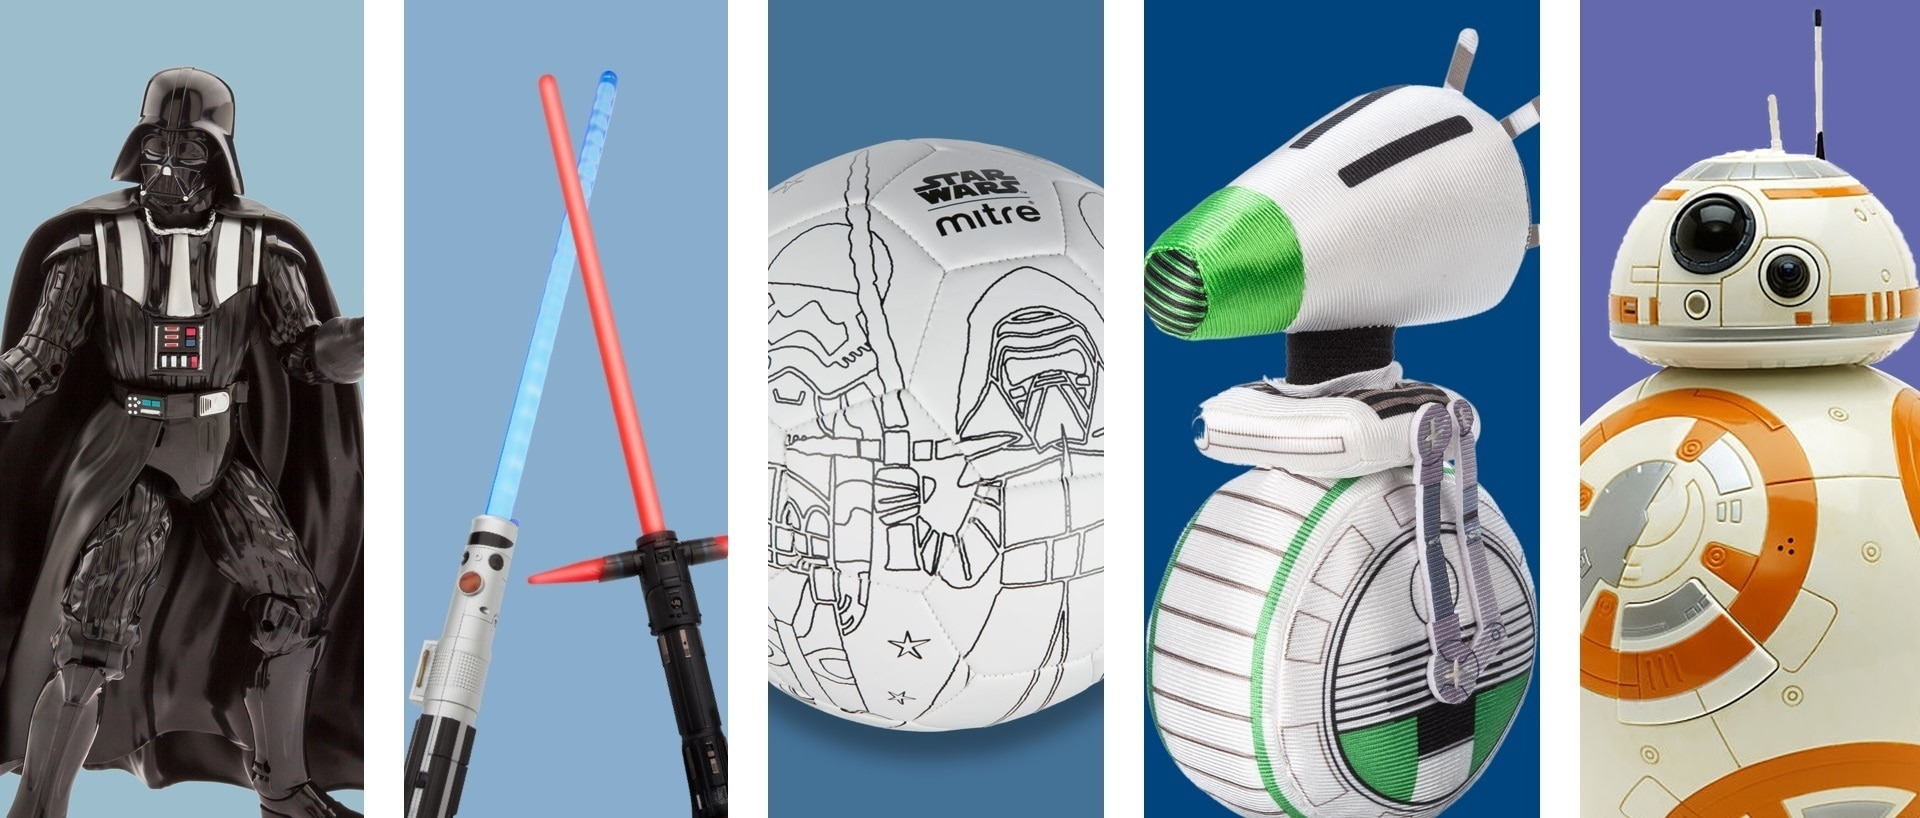 Una selezione di giocattoli a tema Star Wars